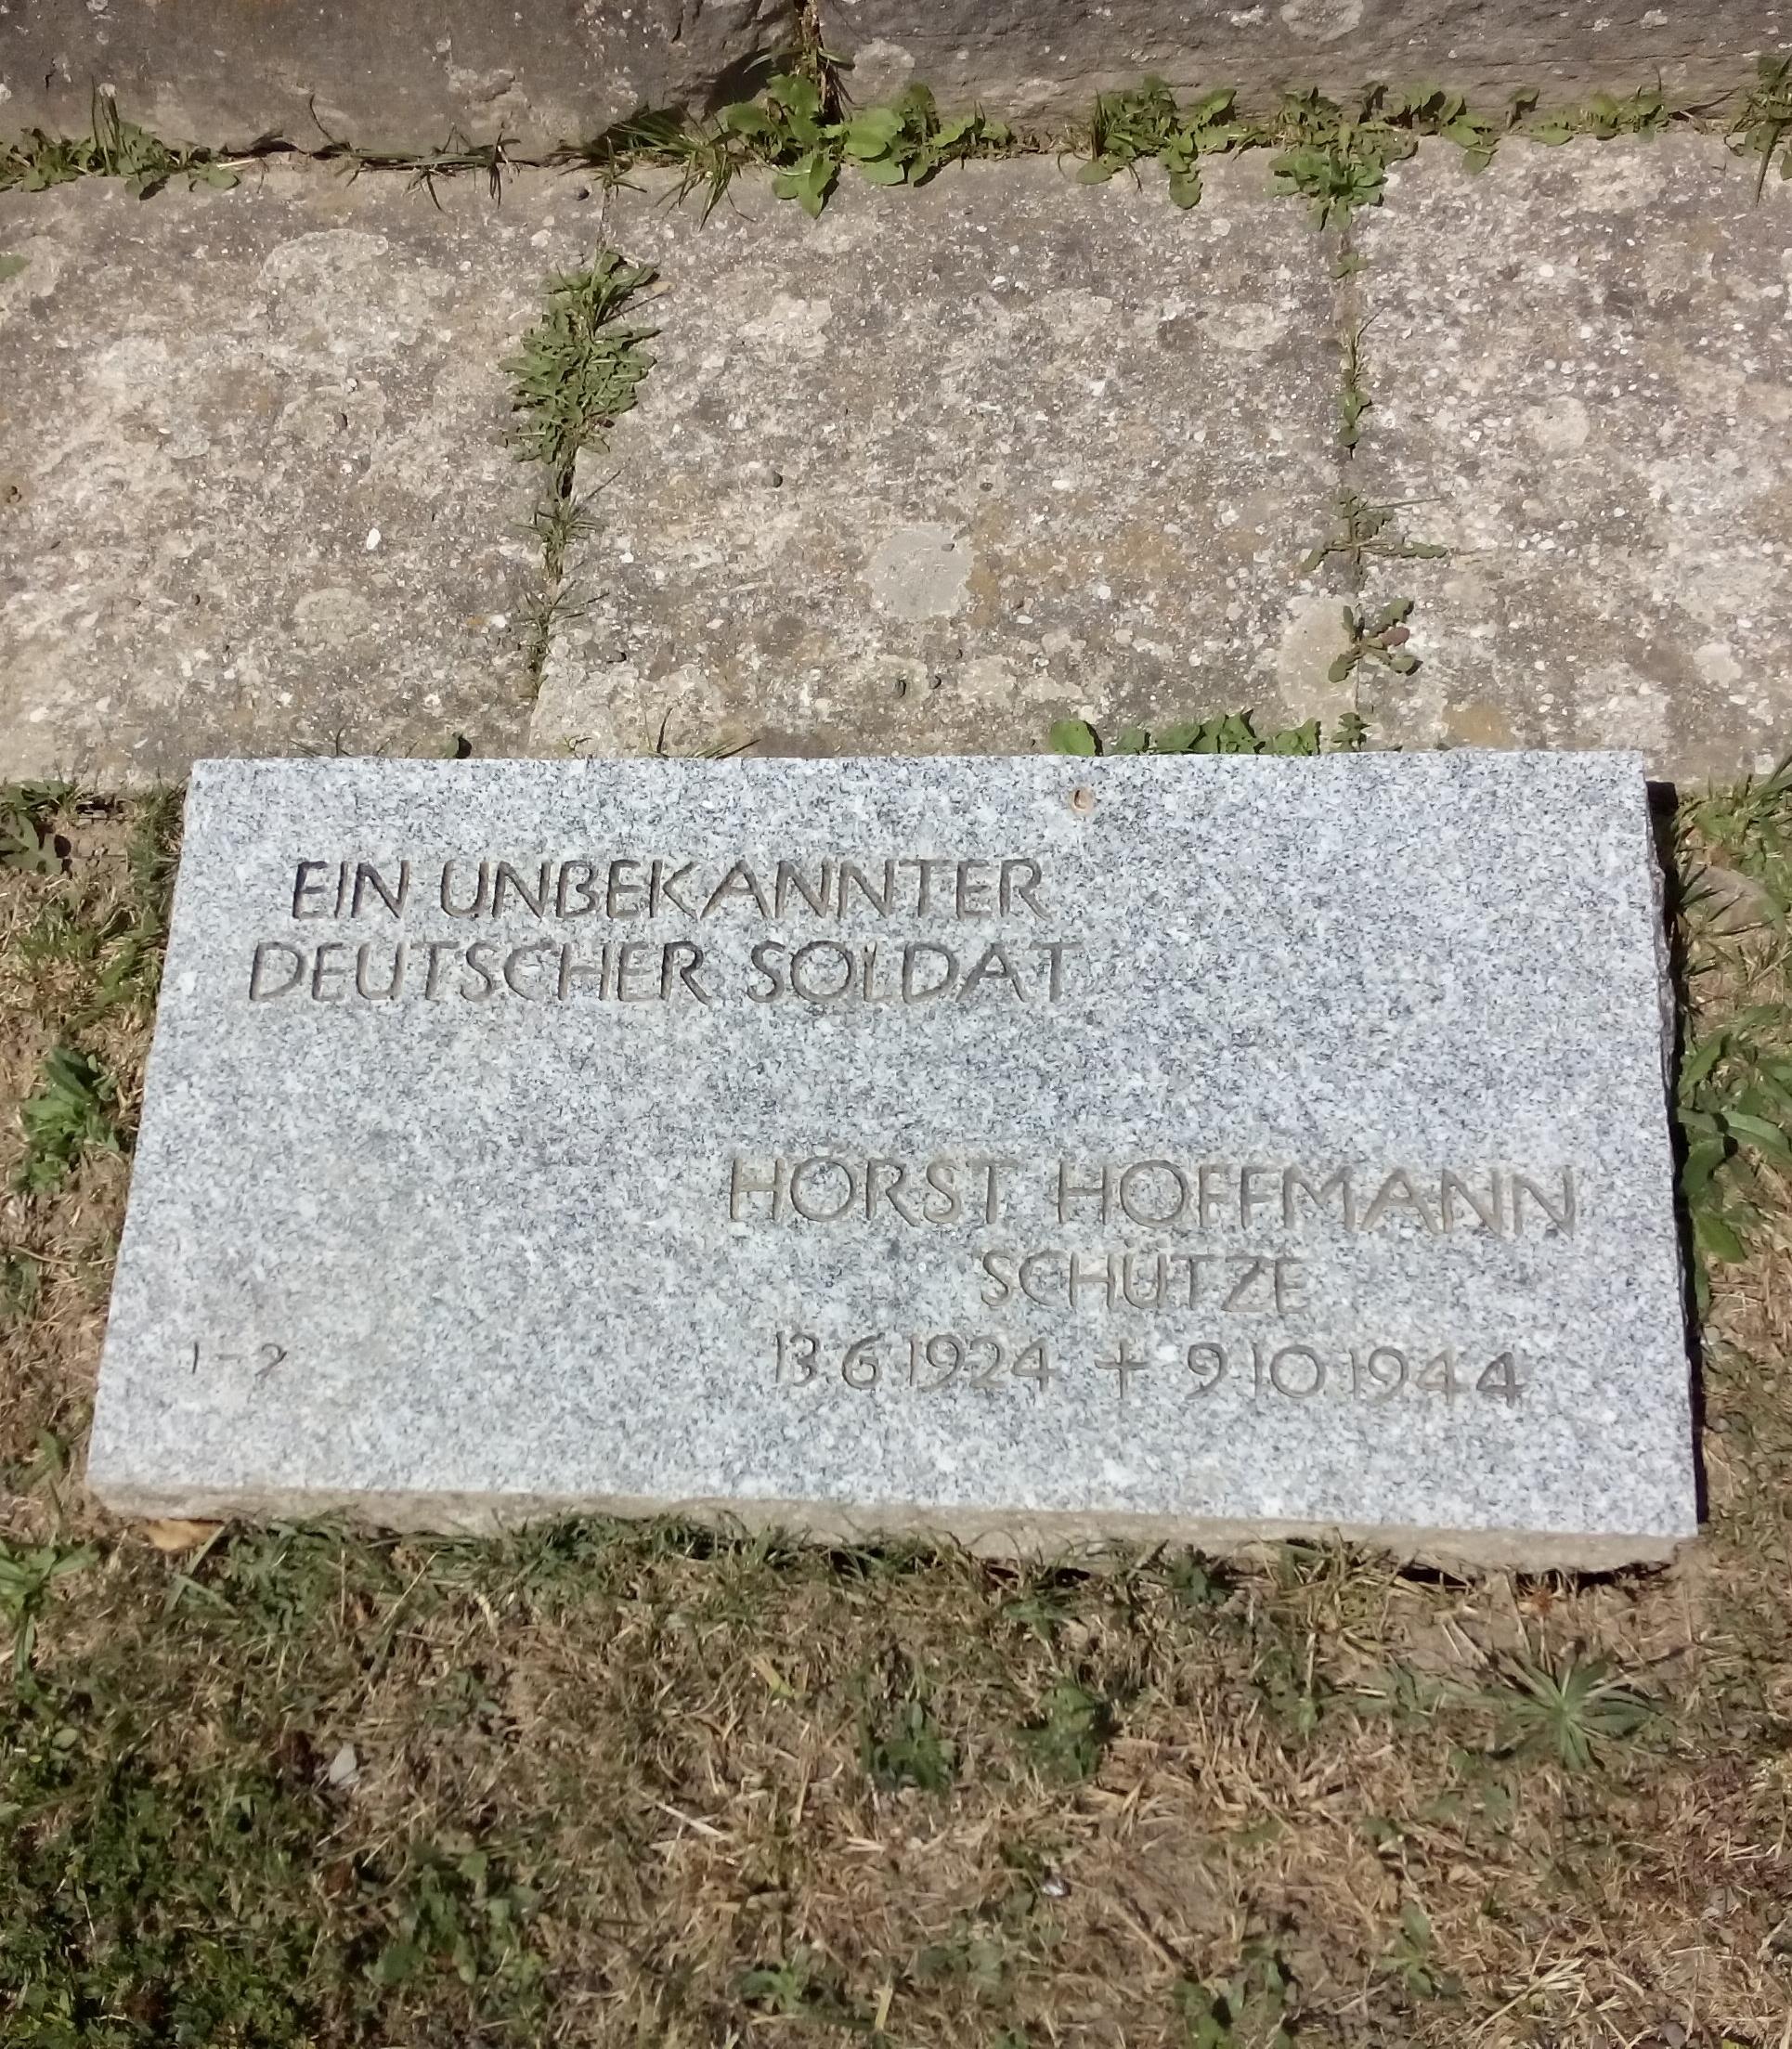 Eine Grabplatte auf dem Soldatenfriedhofs auf dem Futa-Pass: ein unbekannte Soldat und Horst Hoffmann, der nur 20 Jahre alt wurde